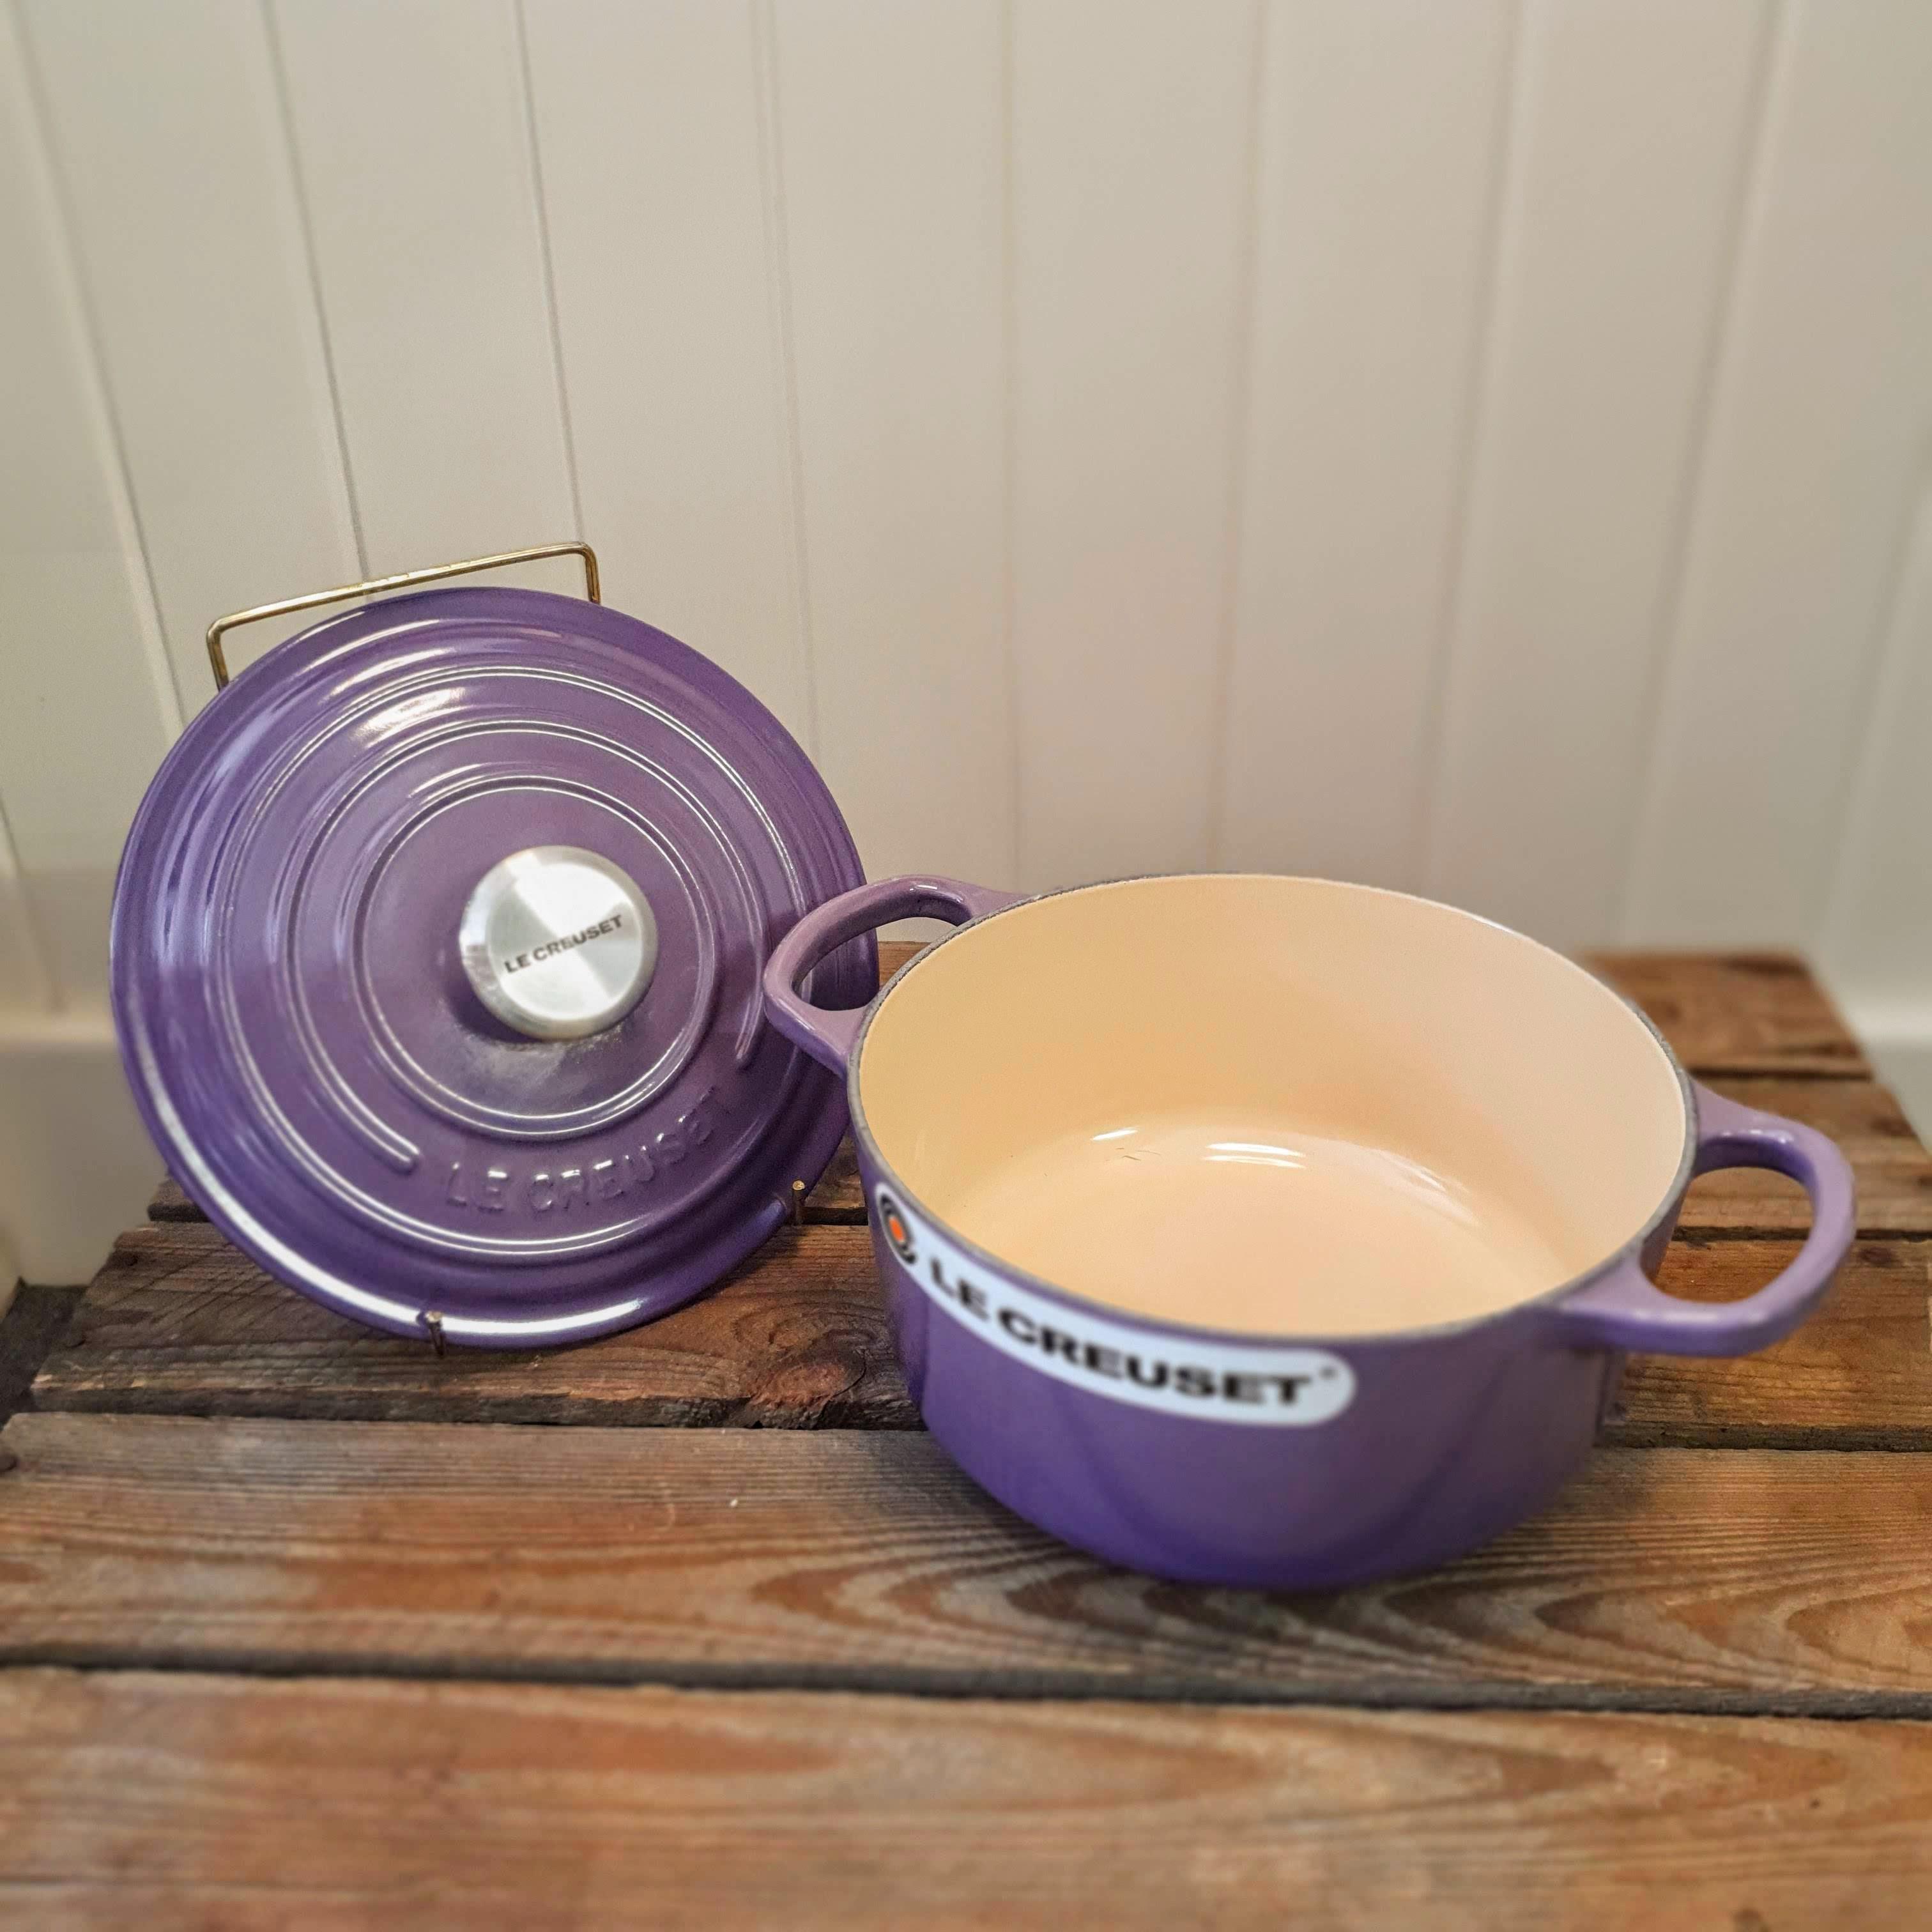 le creuset 18cm round casserole ultra violet open